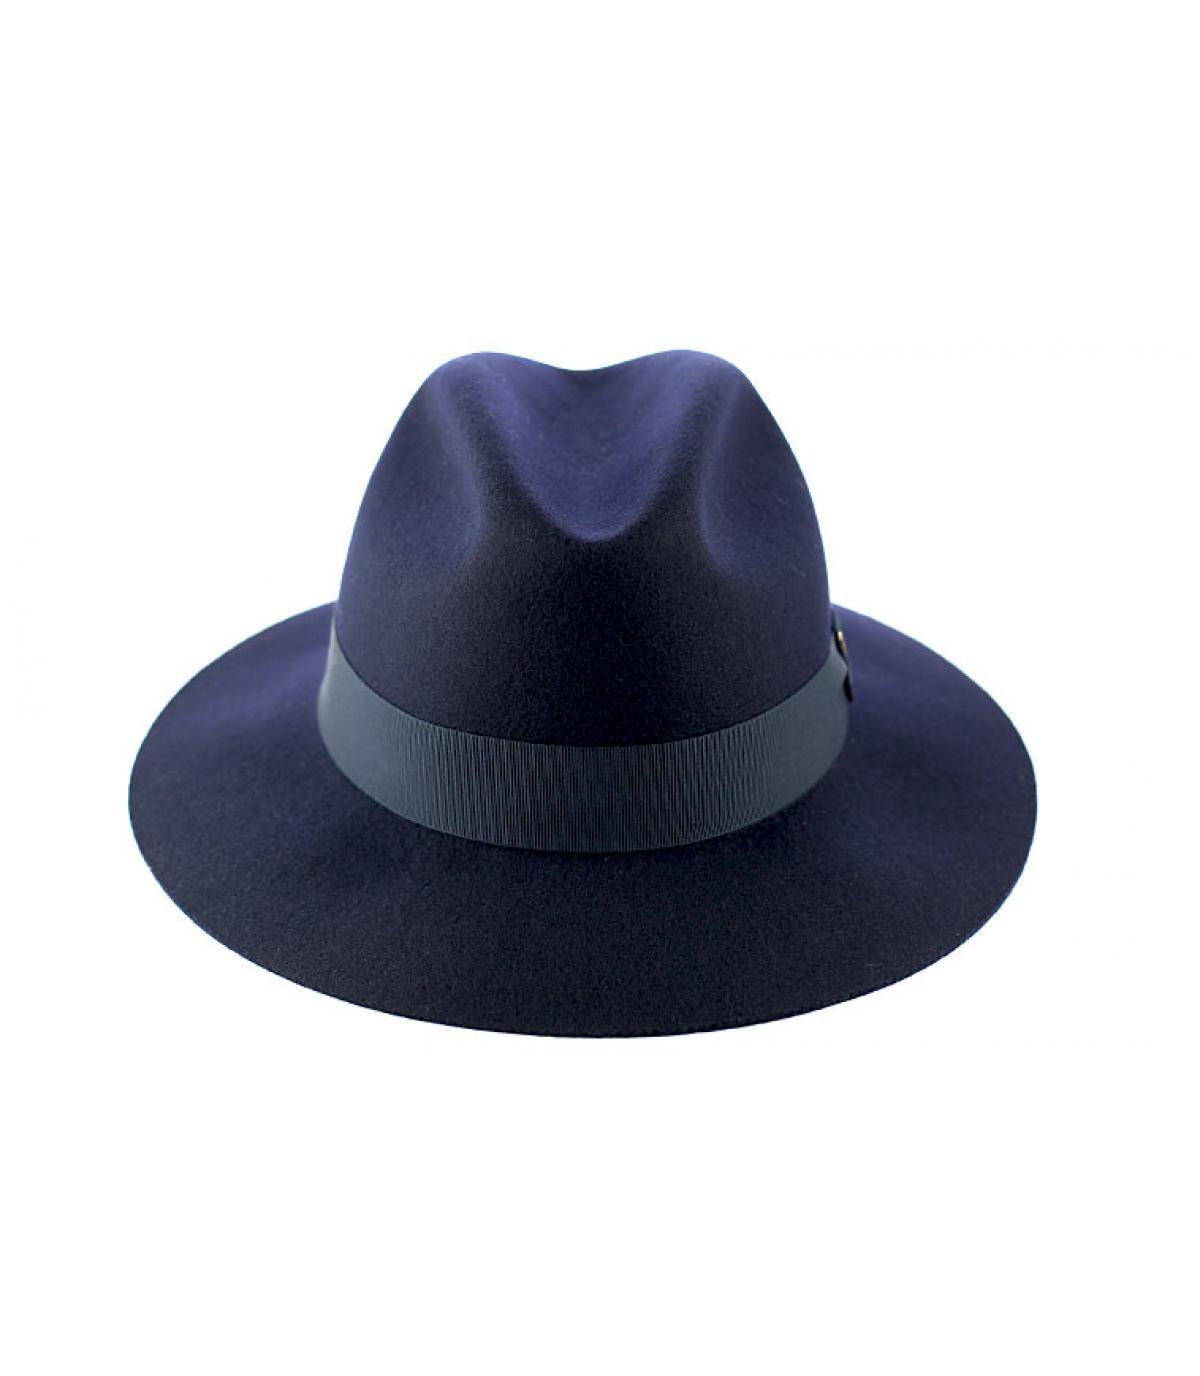 Chapeau femme Doria bleu marine